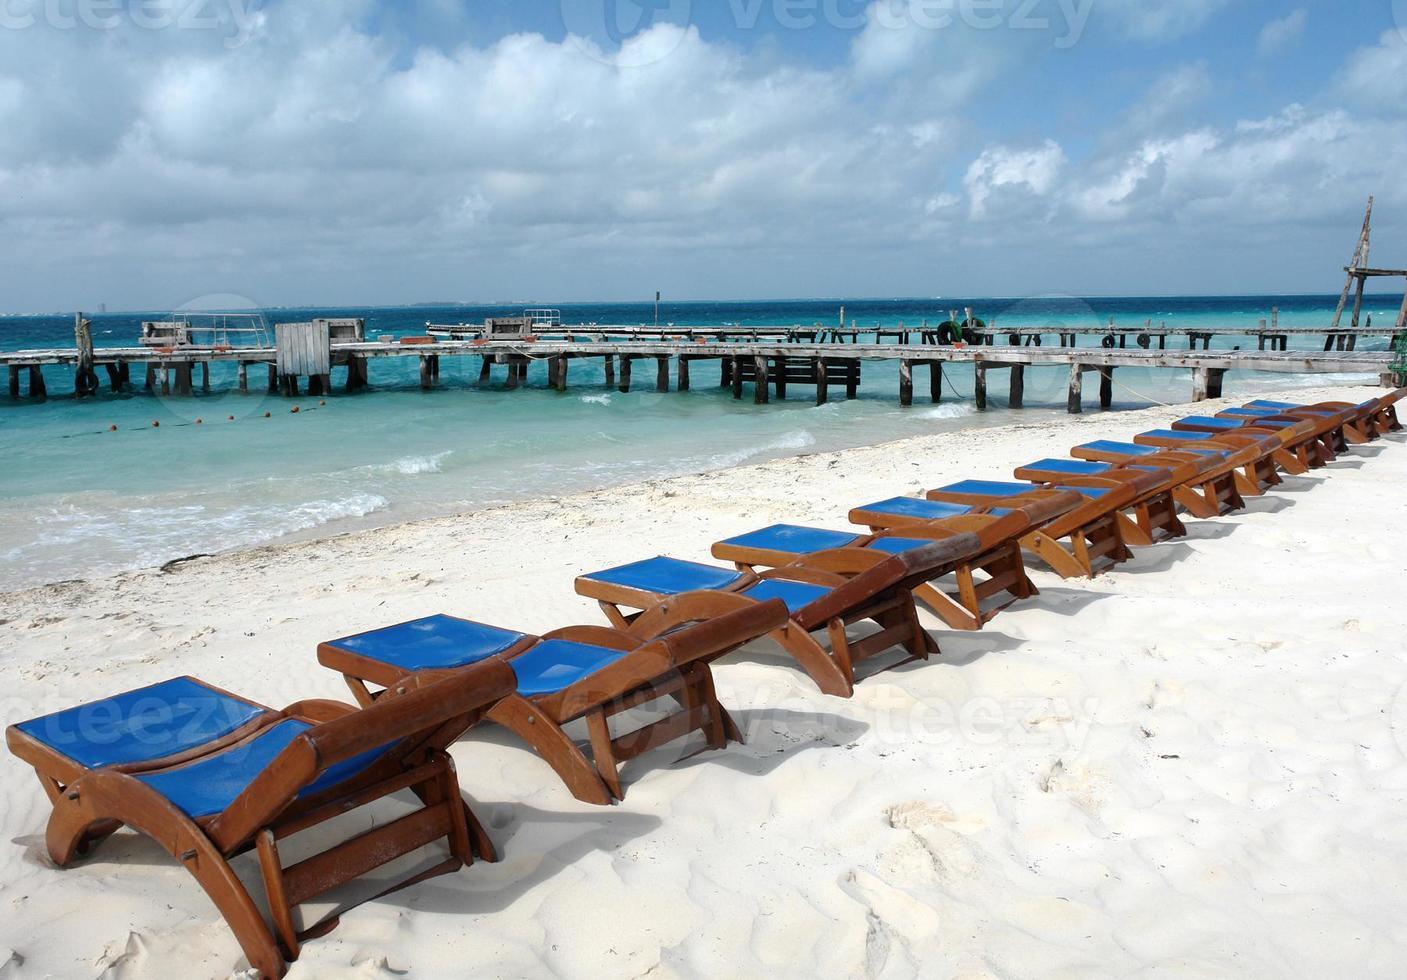 cadeiras de praia isla mujeres méxico foto